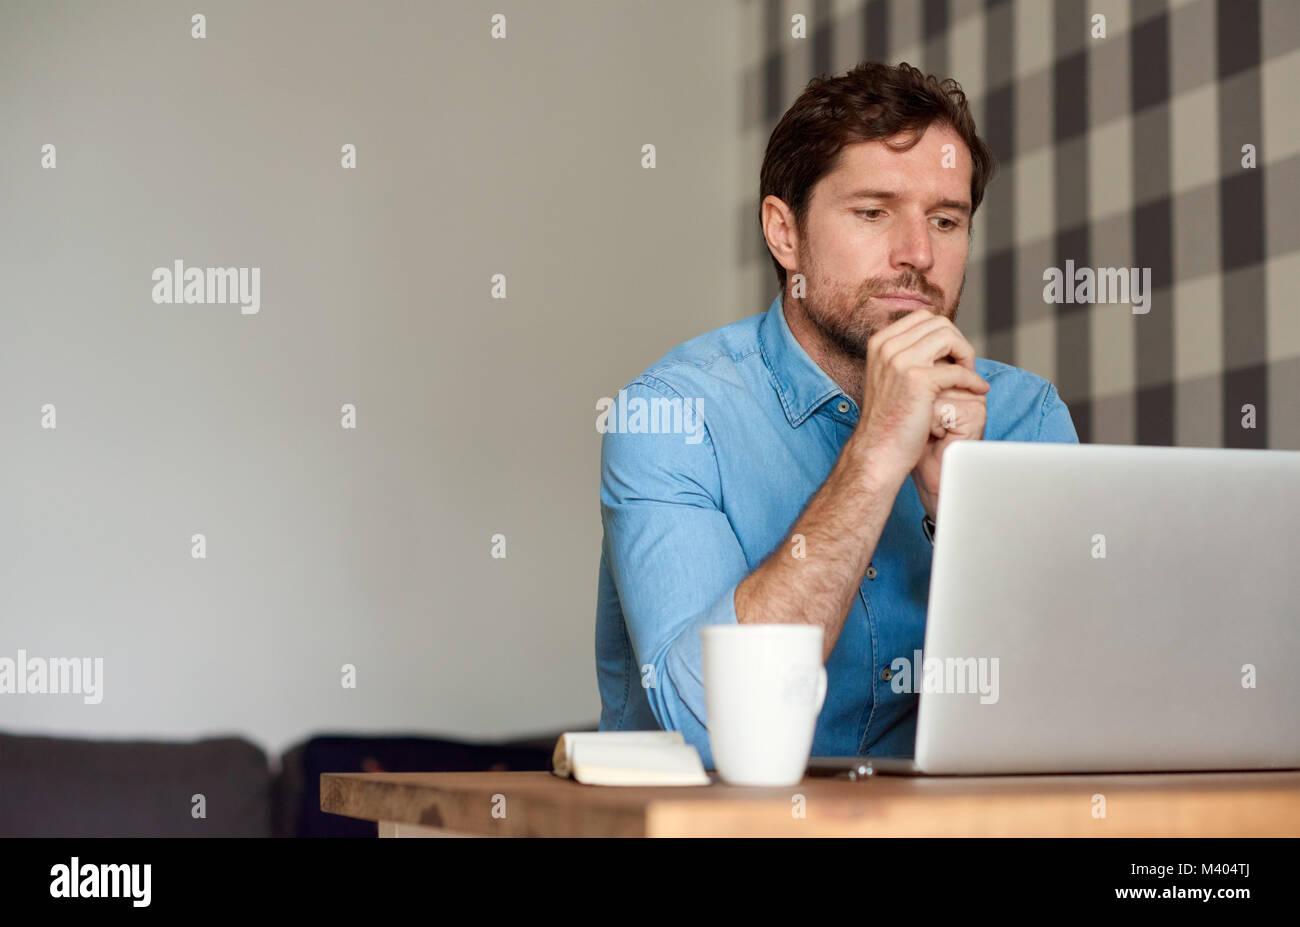 Junger Mann, der an einem Notebook arbeitet in seinem Wohnzimmer Stockbild